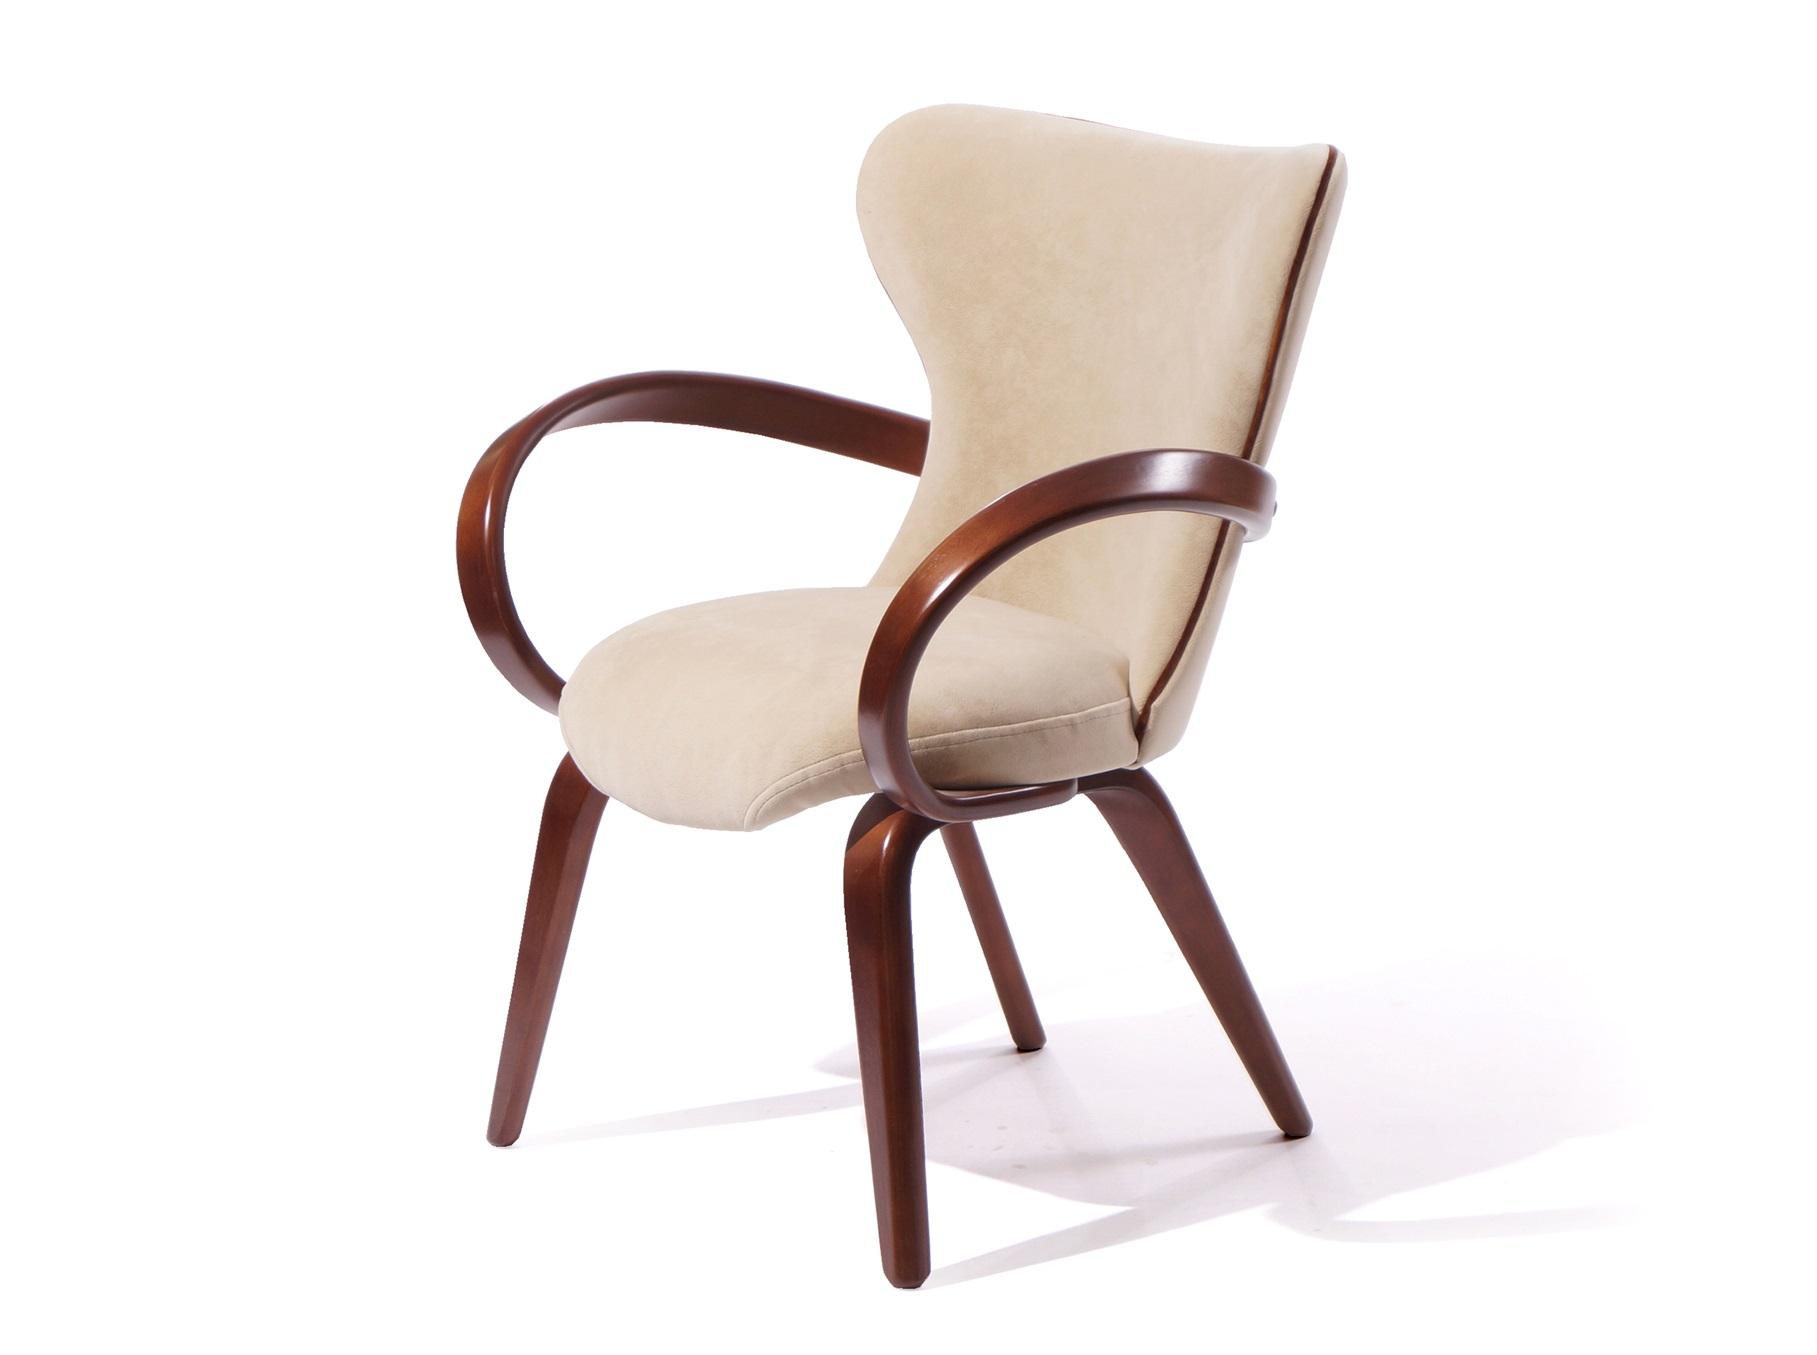 Стул Apriori SОбеденные стулья<br>Изящный стул с подлокотниками из гнутого дерева. При сохранении визуальной легкости стул  остается  прочный и удобный. Хорошо сочетается с круглыми столами серии apriori.&amp;amp;nbsp;<br><br>Material: Дерево<br>Length см: None<br>Width см: 75<br>Depth см: 62<br>Height см: 85